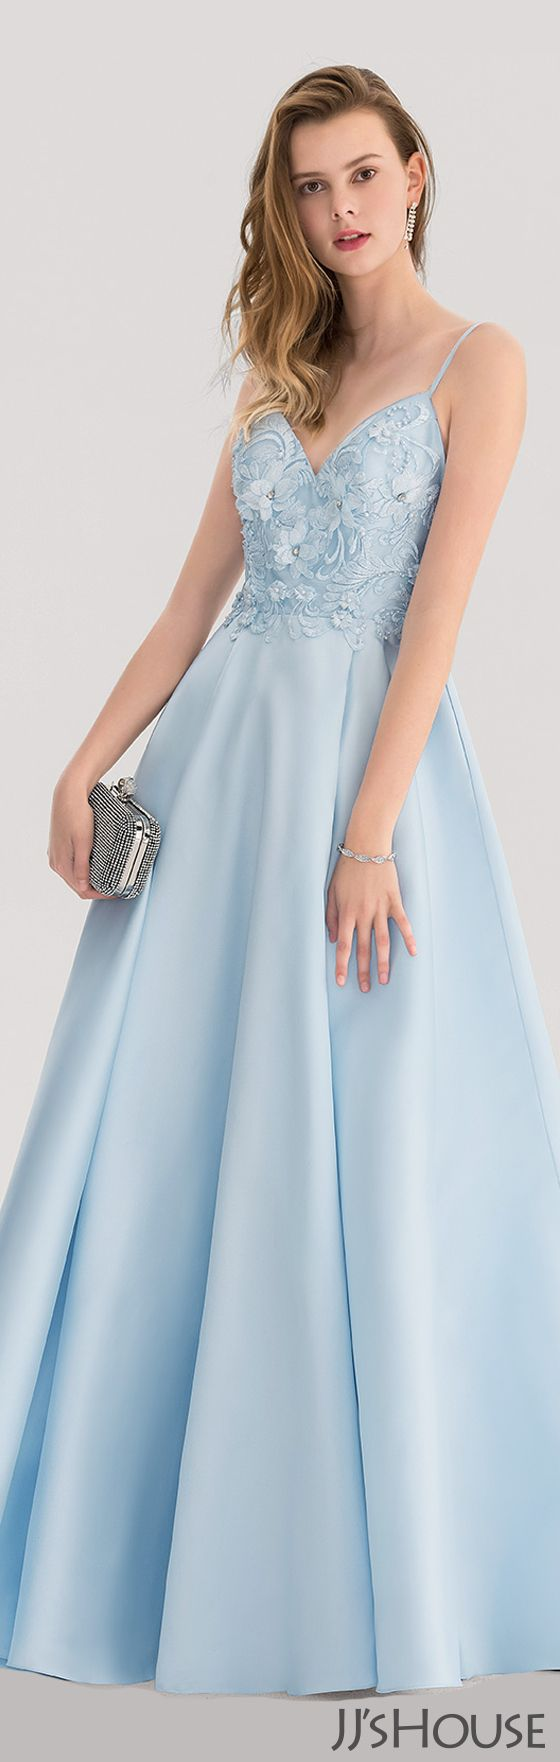 512 best JJ\'s House Prom Dresses images on Pinterest